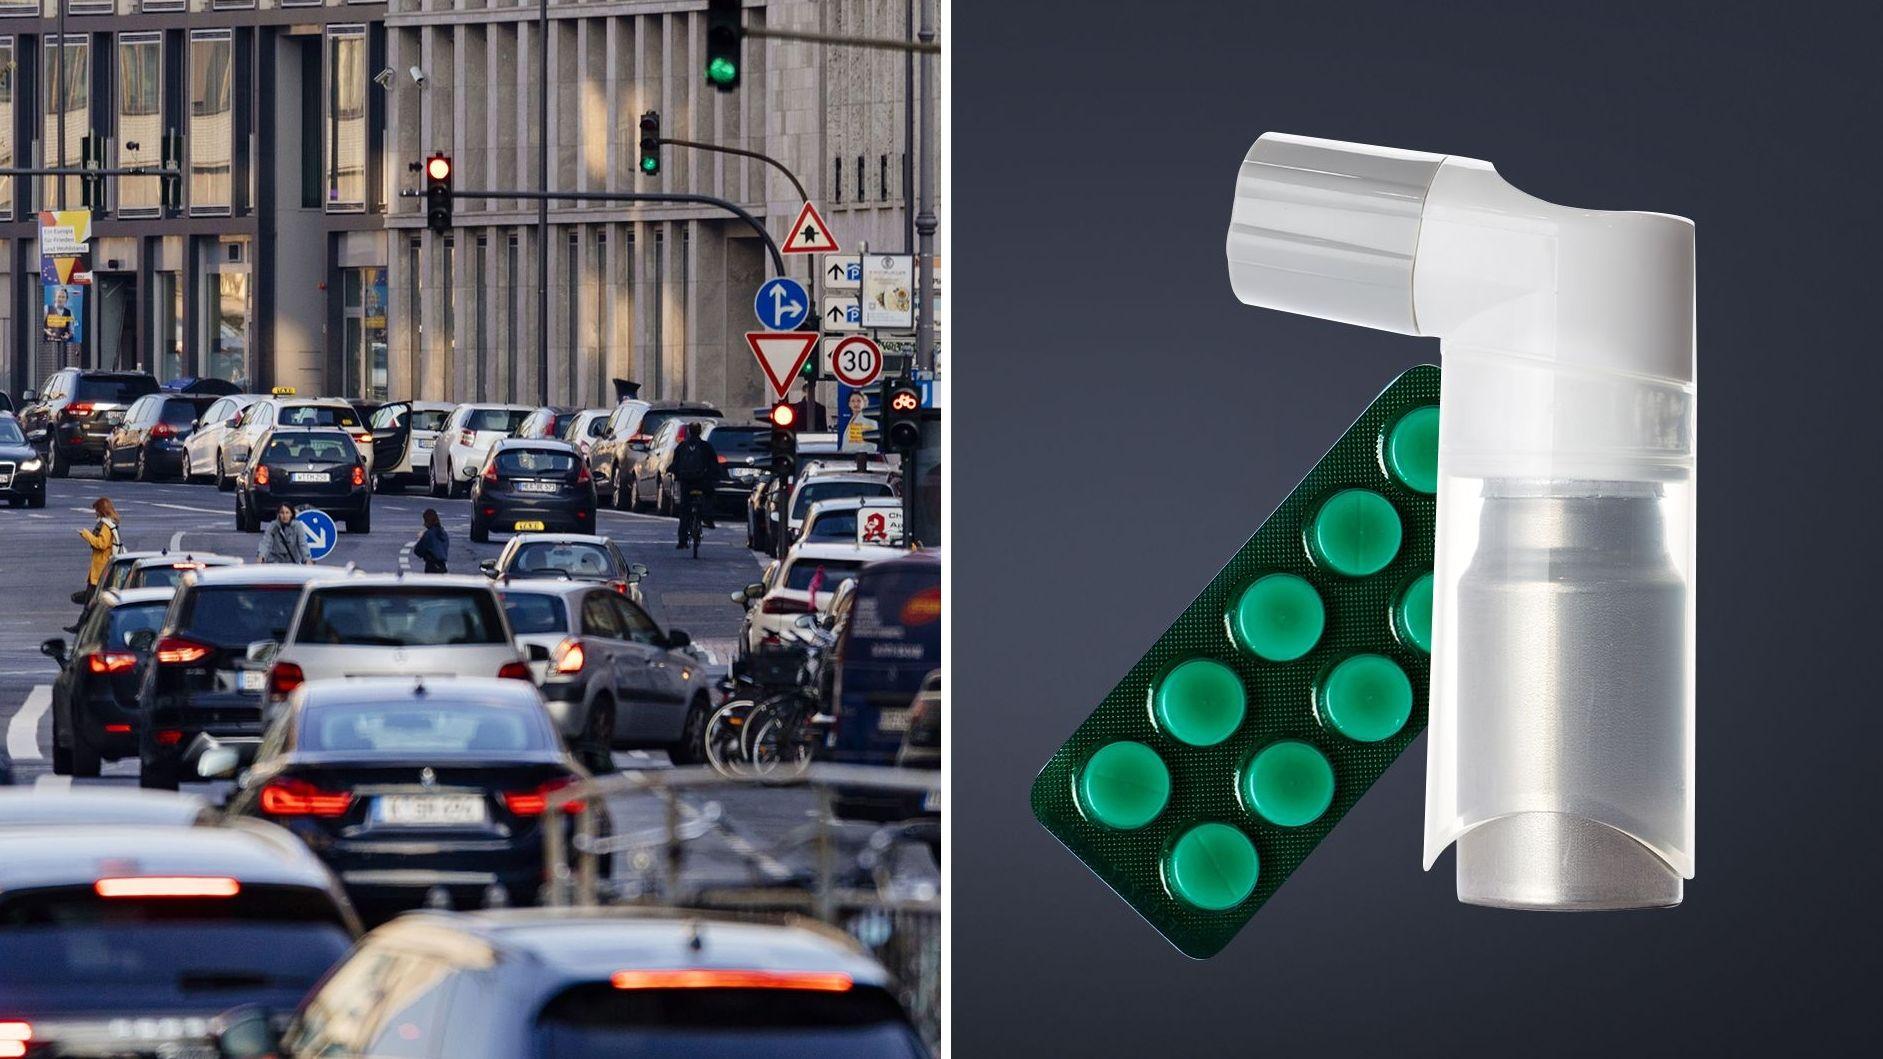 Umweltzonen machen Anwohner gesünder. Asthmatiker und Herzkranke brauchen weniger Medikamente bei weniger Feinstaub und Stickstoffdioxid.